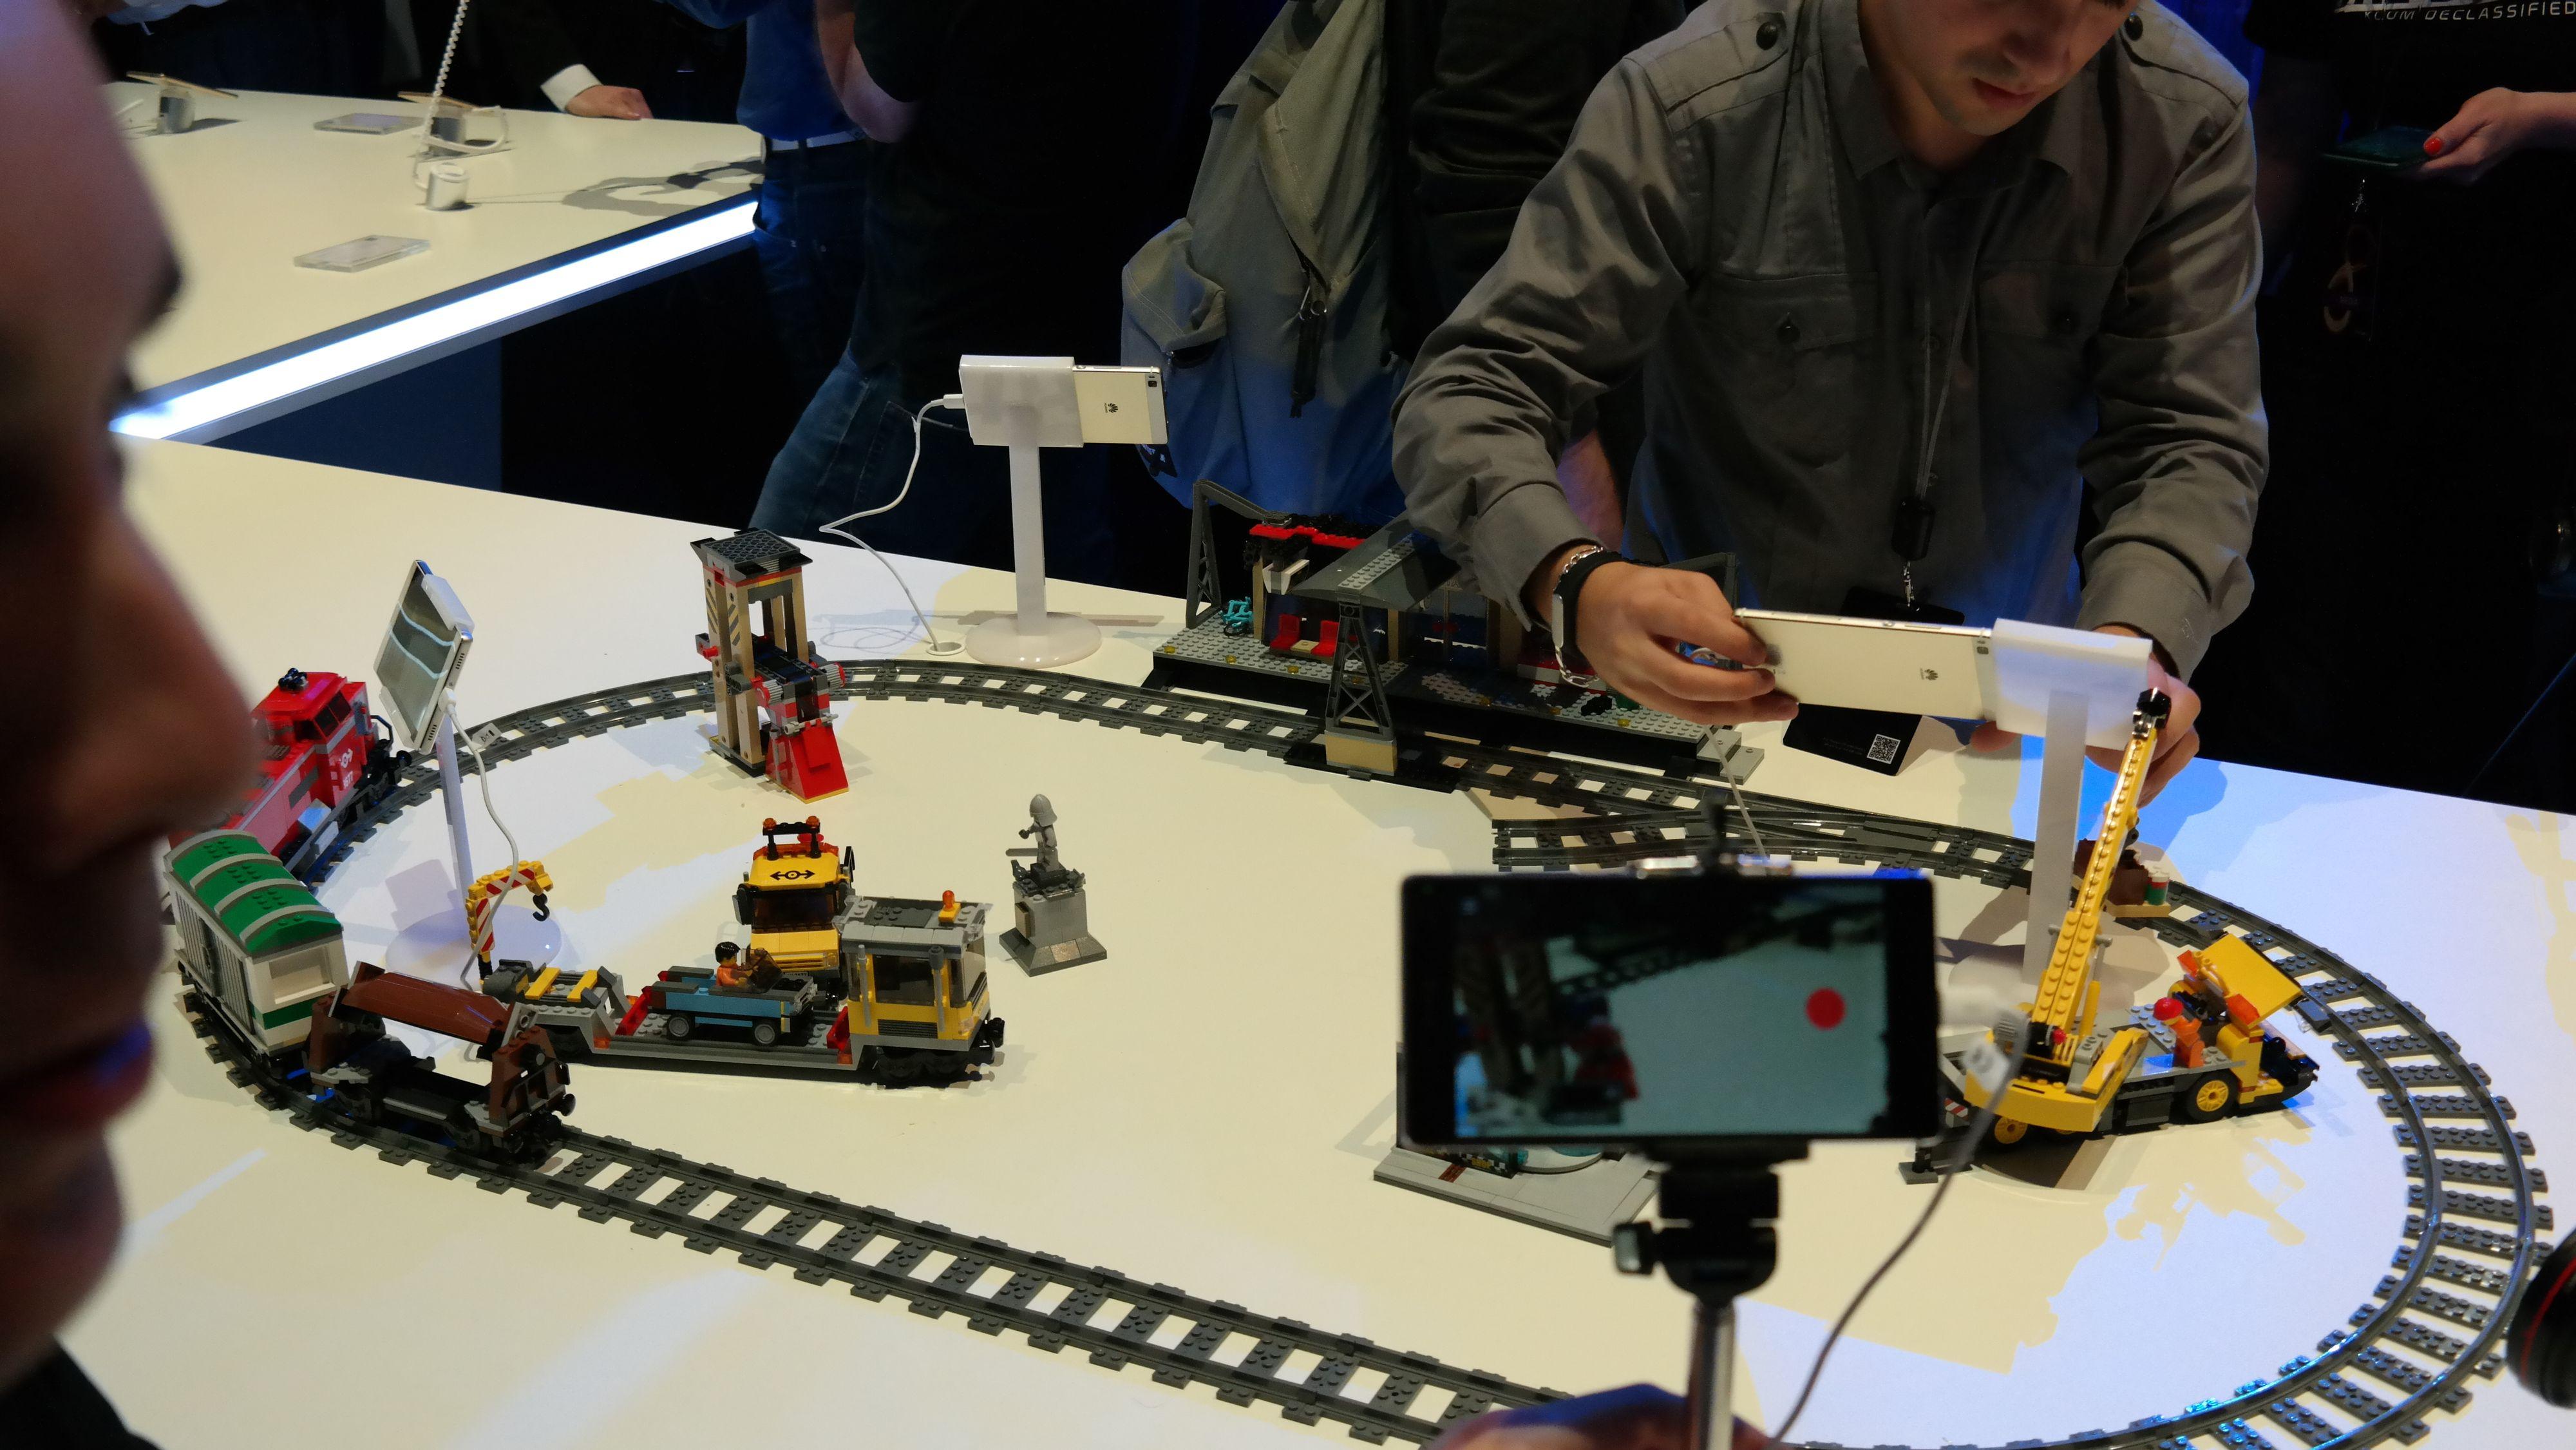 Du kan lage firekameraproduksjon ved å koble sammen flere telefoner og la en av dem være regiverktøyet. Foto: Espen Irwing Swang, Tek.no